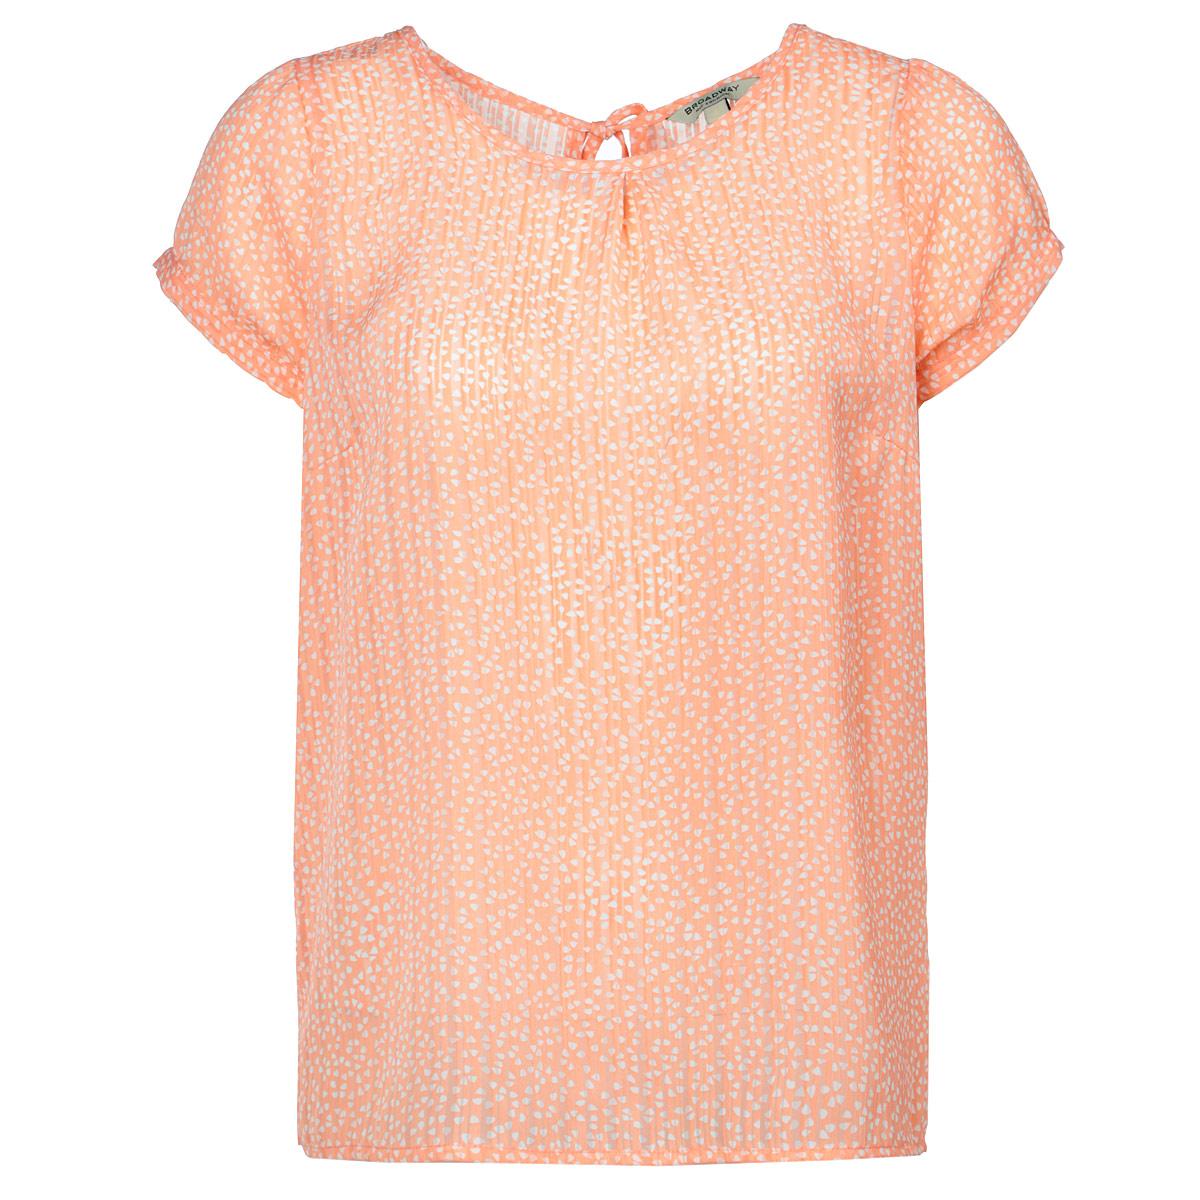 10149954 240-peach graphic printВоздушная блузка Broadway с коротким рукавом сделает вас неотразимой и в будни, и в праздники. Изготовлена из тонкого полупрозрачного материала. Модель свободного силуэта, с круглым вырезом горловины. Изделие оформлено оригинальным орнаментом. Спинка с V-образным вырезом на завязках. Такая блузка займет достойное место в вашем гардеробе.